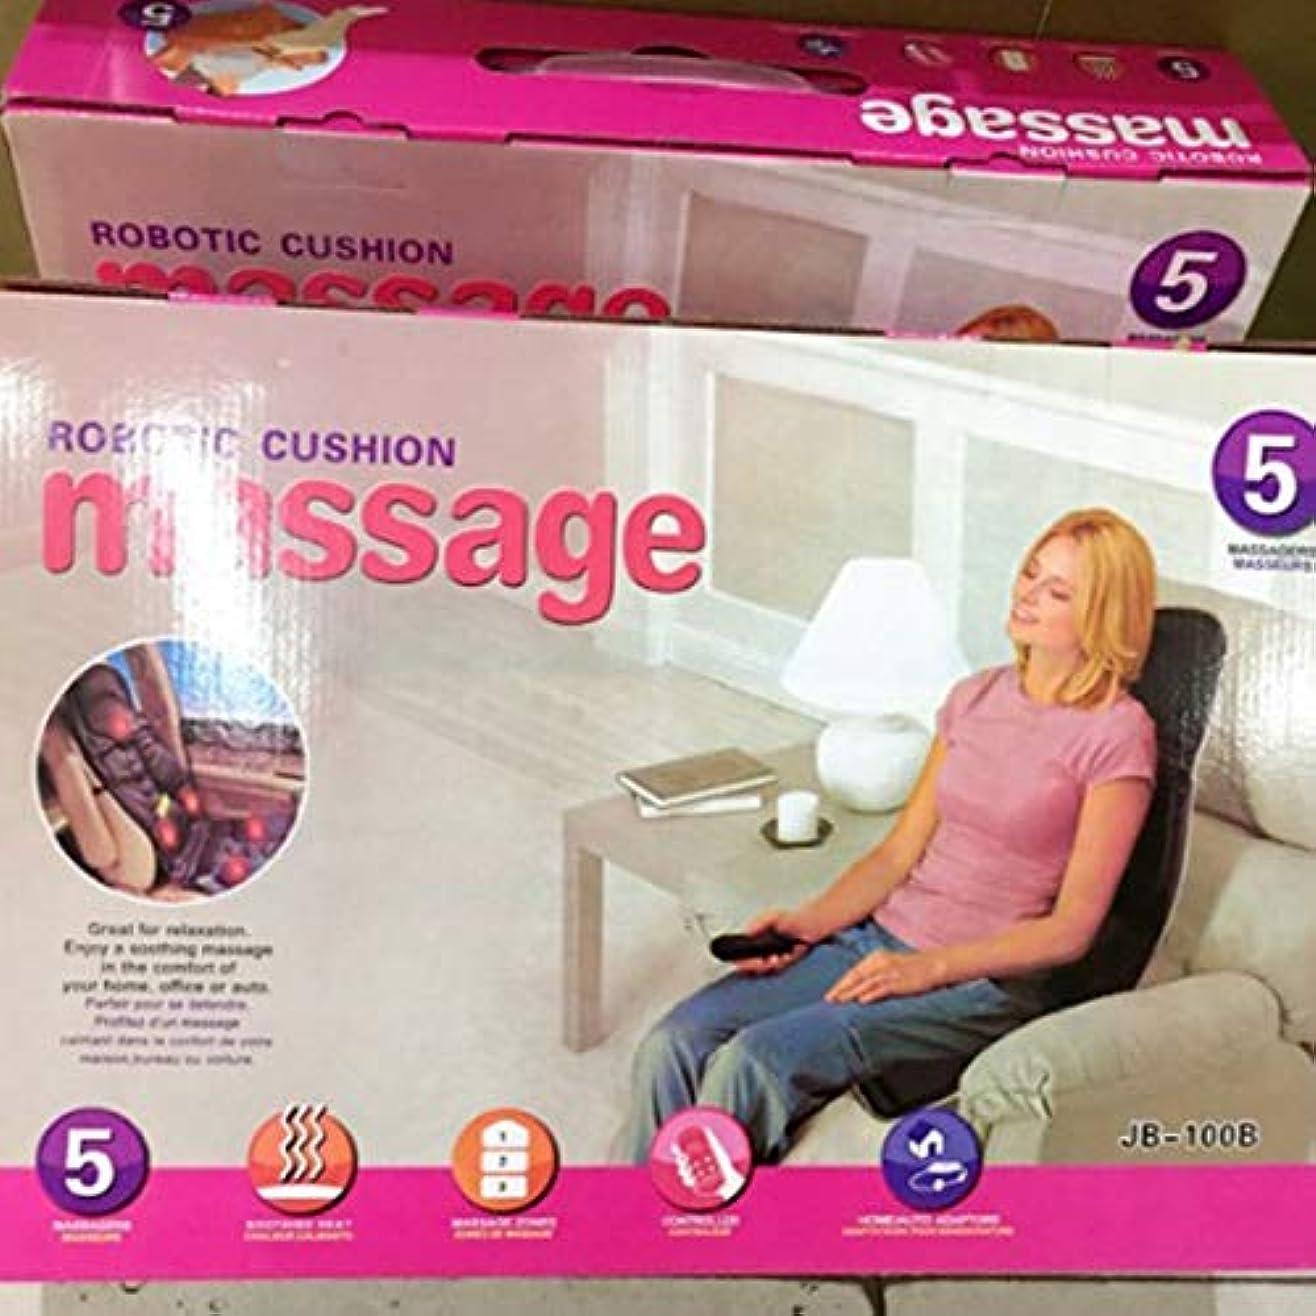 シェトランド諸島再発する思い出すCar Chair Home Seat Heat Cushion Back Neck Waist Body Electric Multifunctional Chair Massage Pad Back Massager